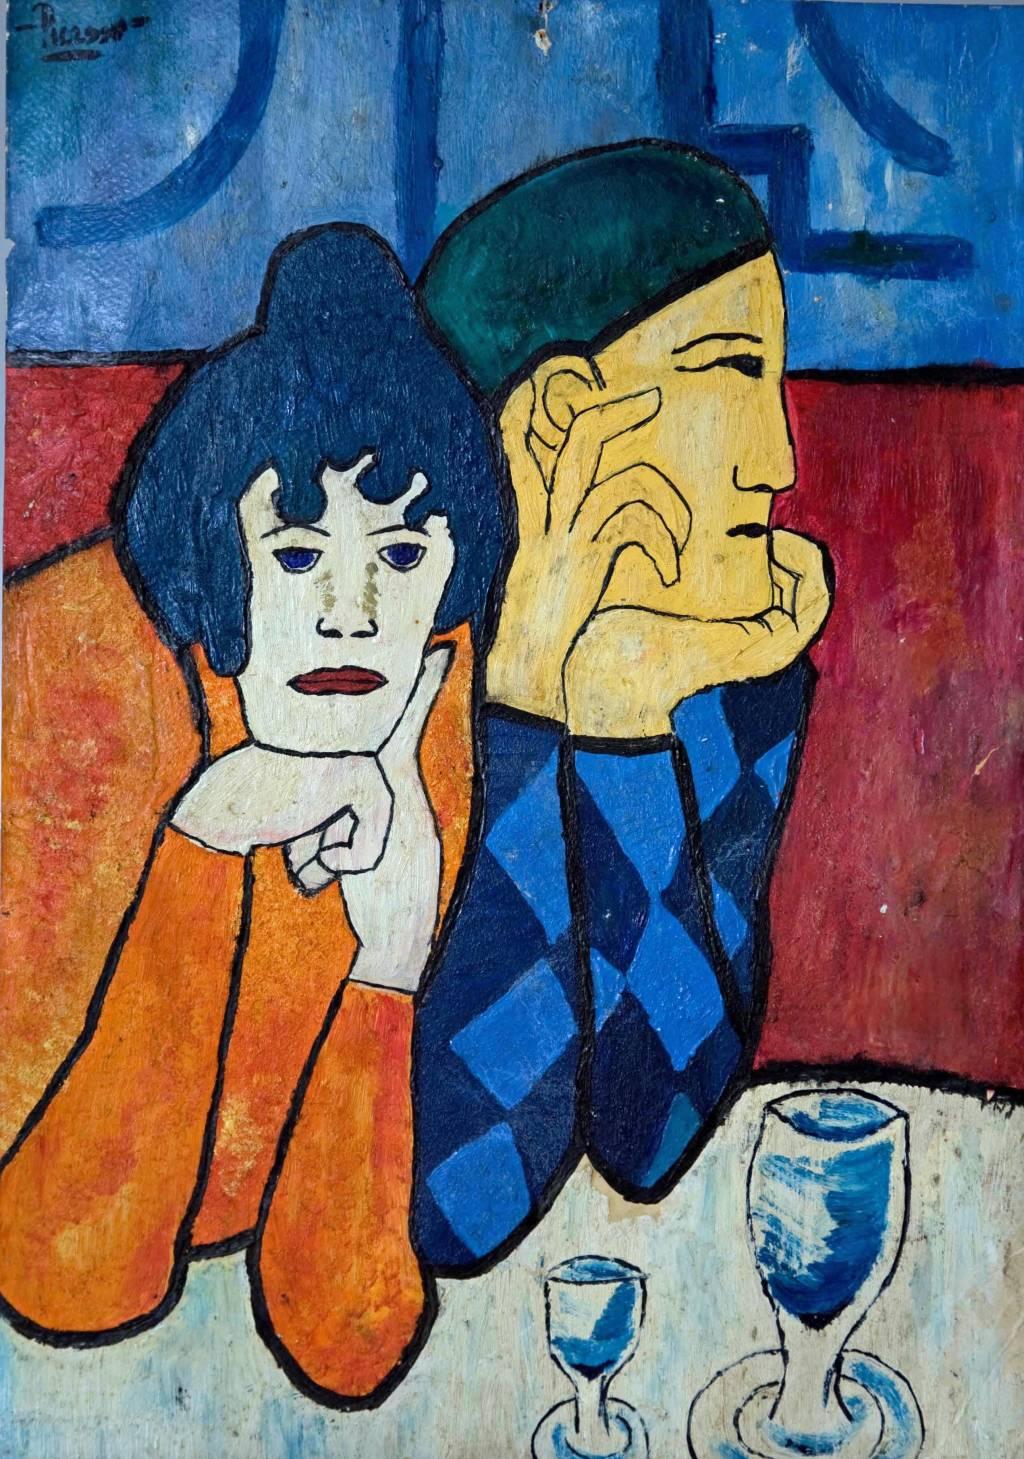 Copy Of Las Obras De Pablo Picasso - Lessons - Tes Teach